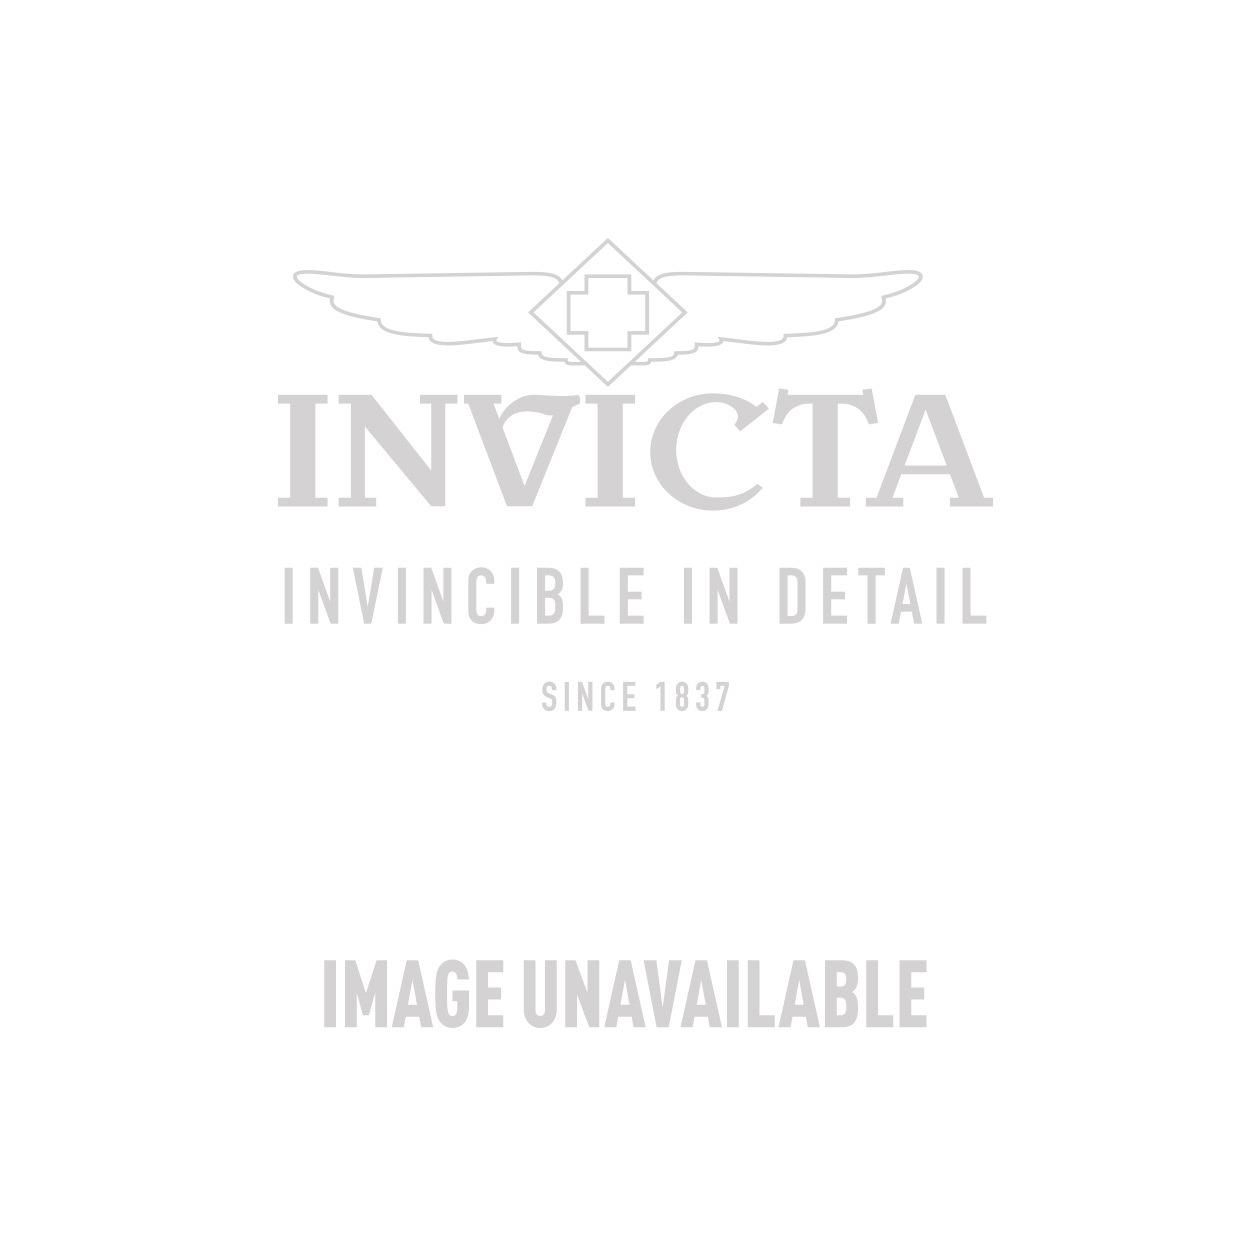 Invicta Model 24660